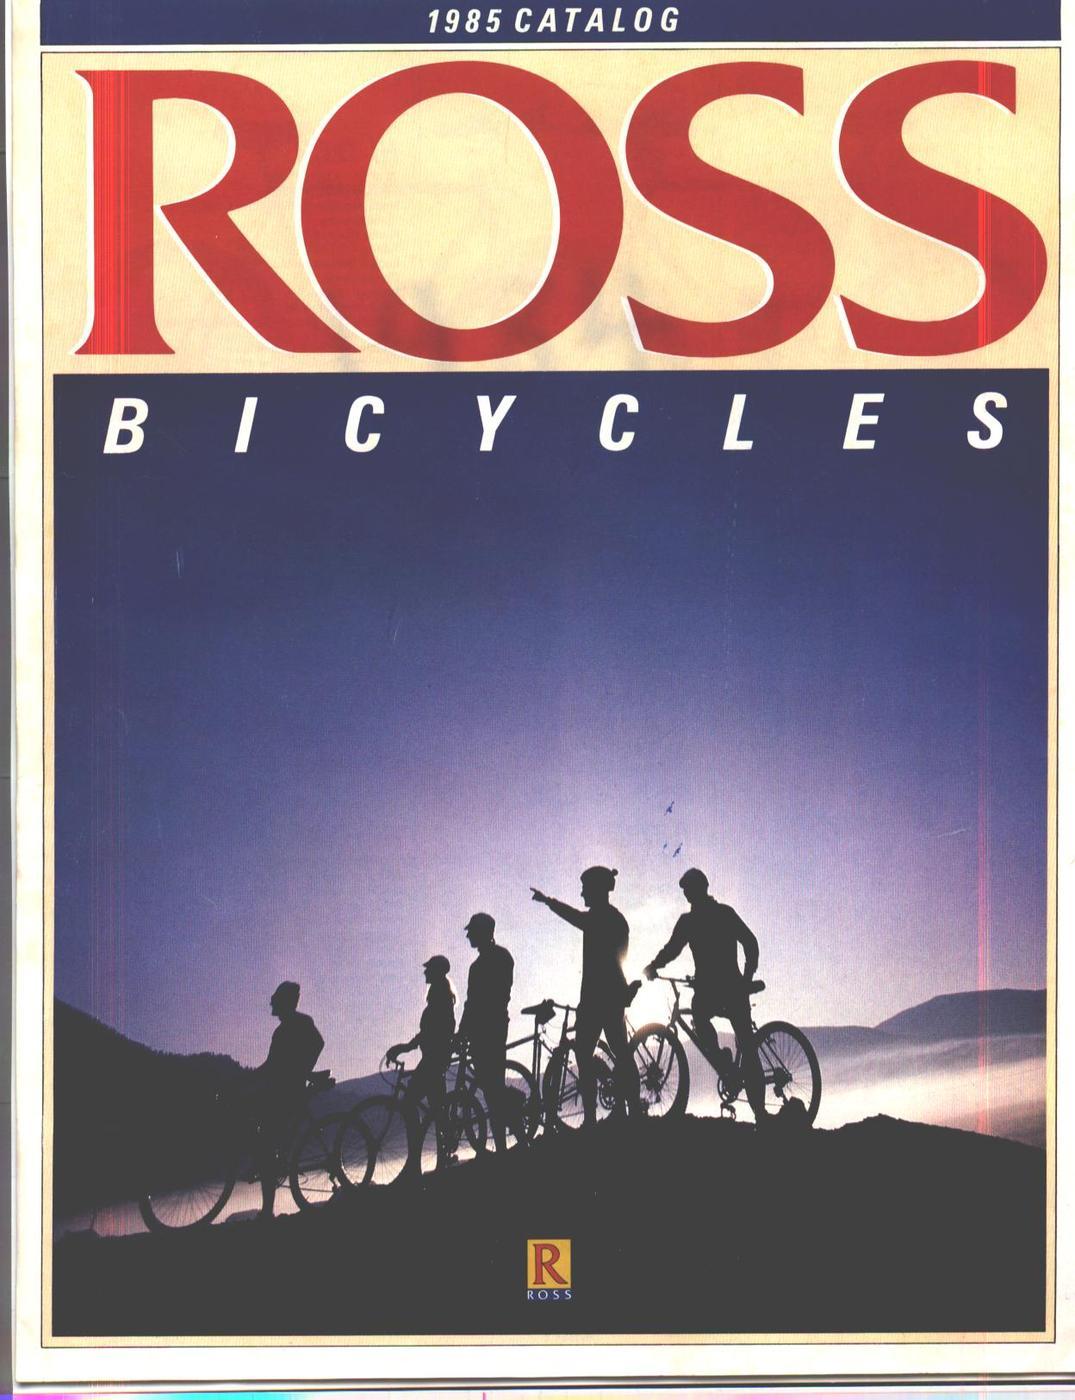 BMXmuseum com Reference / 1985 Ross Bicycles Catalog